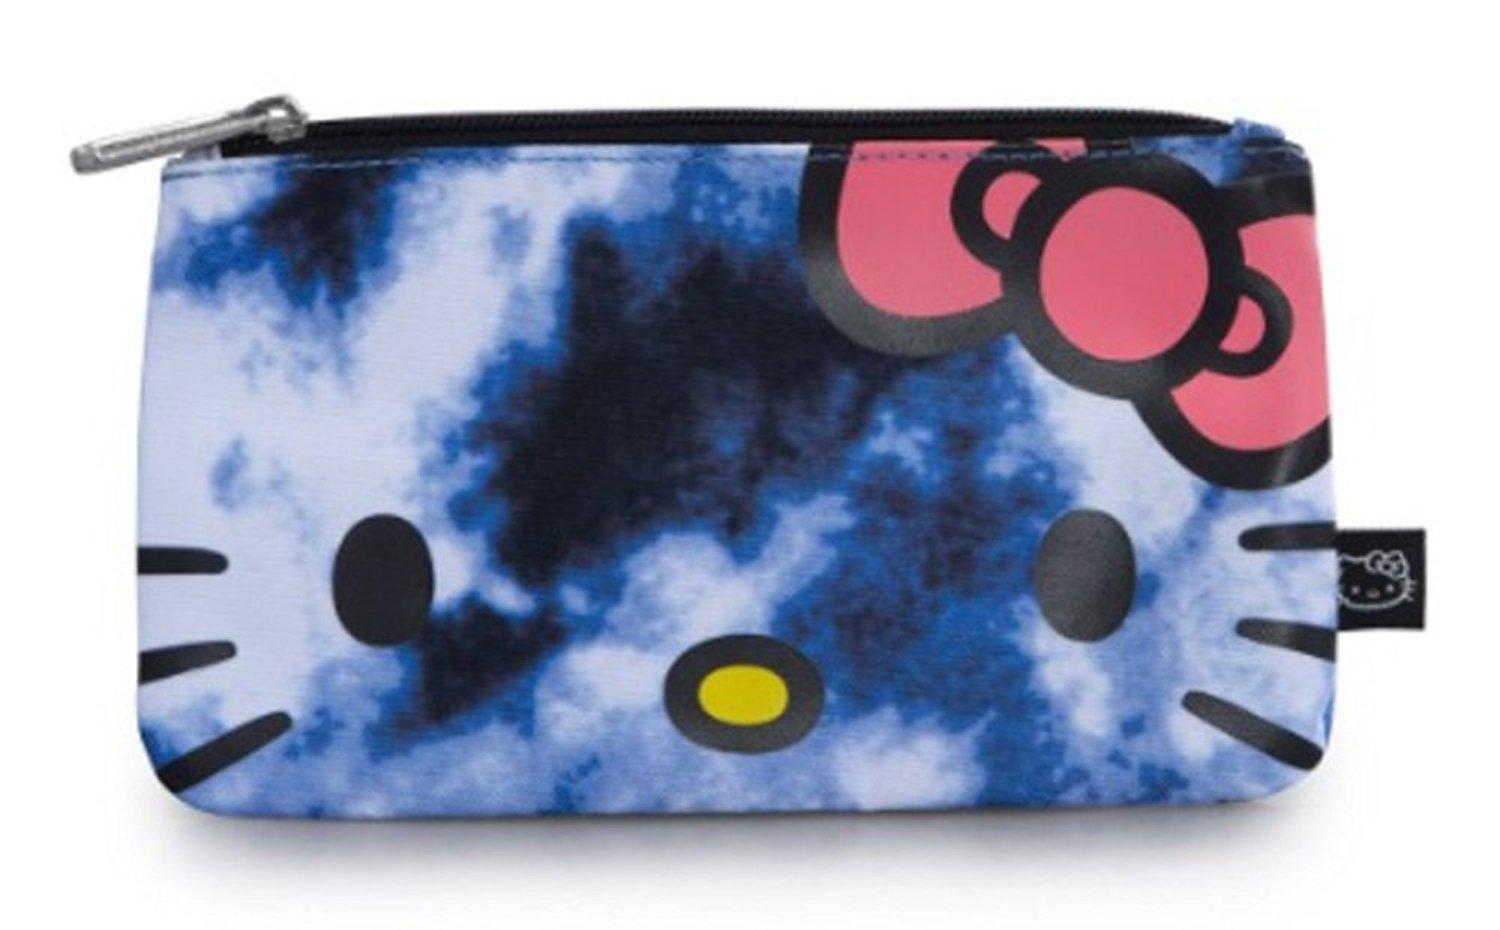 121217e2d0 Buy Loungefly Hello Kitty Blue Tie Dye School Pencil Case in Cheap ...